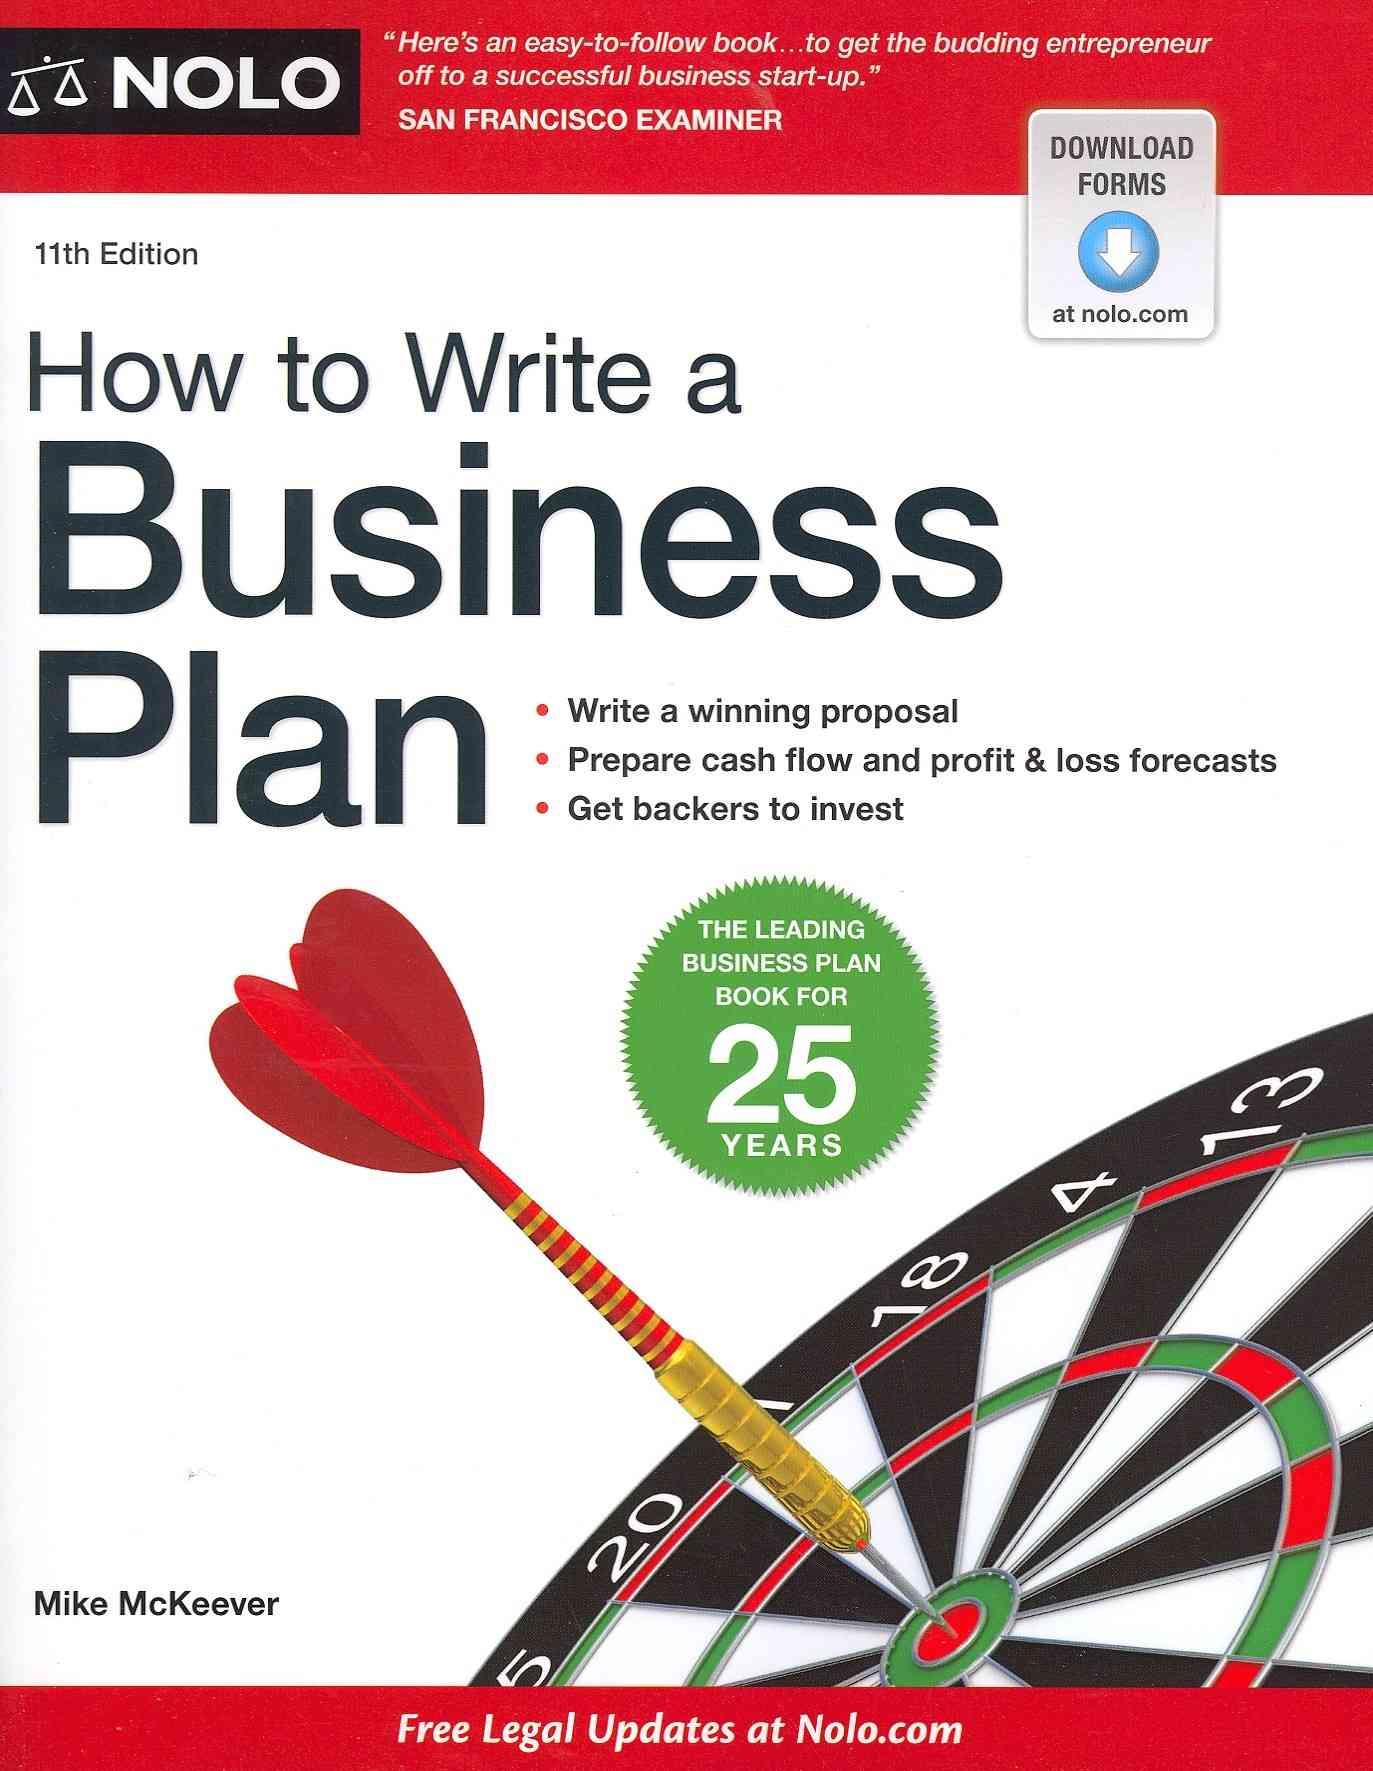 Скачать бесплатно книгу по бизнес планированию